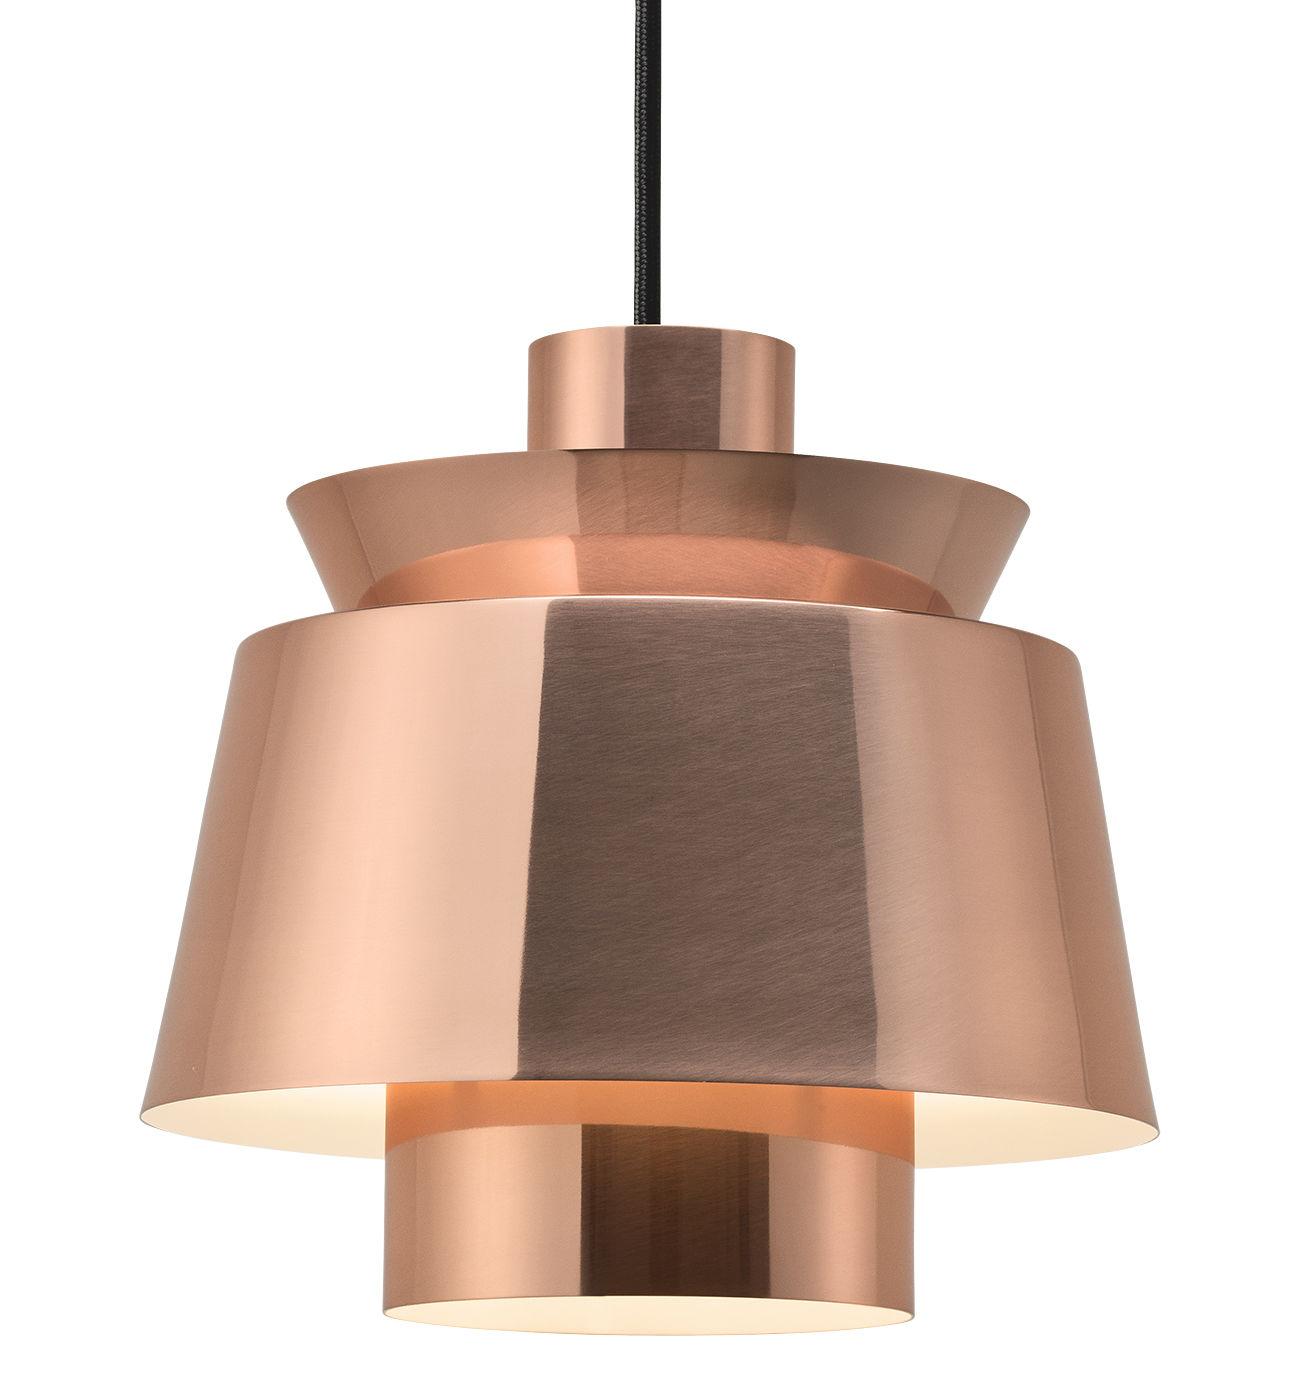 Illuminazione - Lampadari - Sospensione Utzon - / Riedizione 1947 di &tradition - Ramato - Cuivre laqué